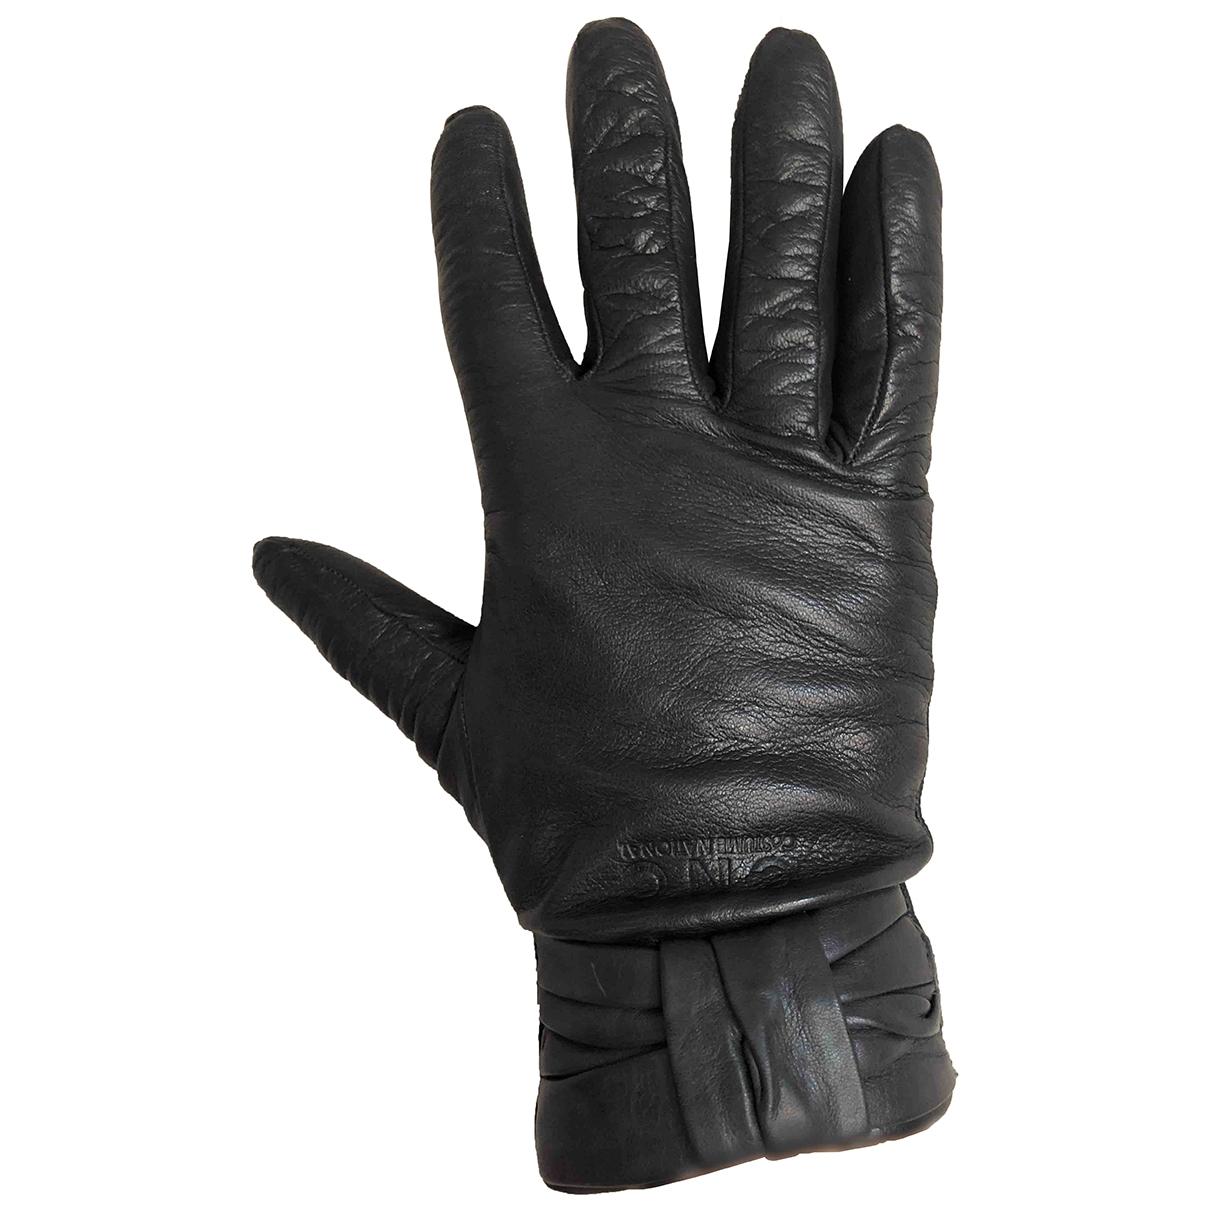 Cnc - Gants   pour femme en cuir - noir